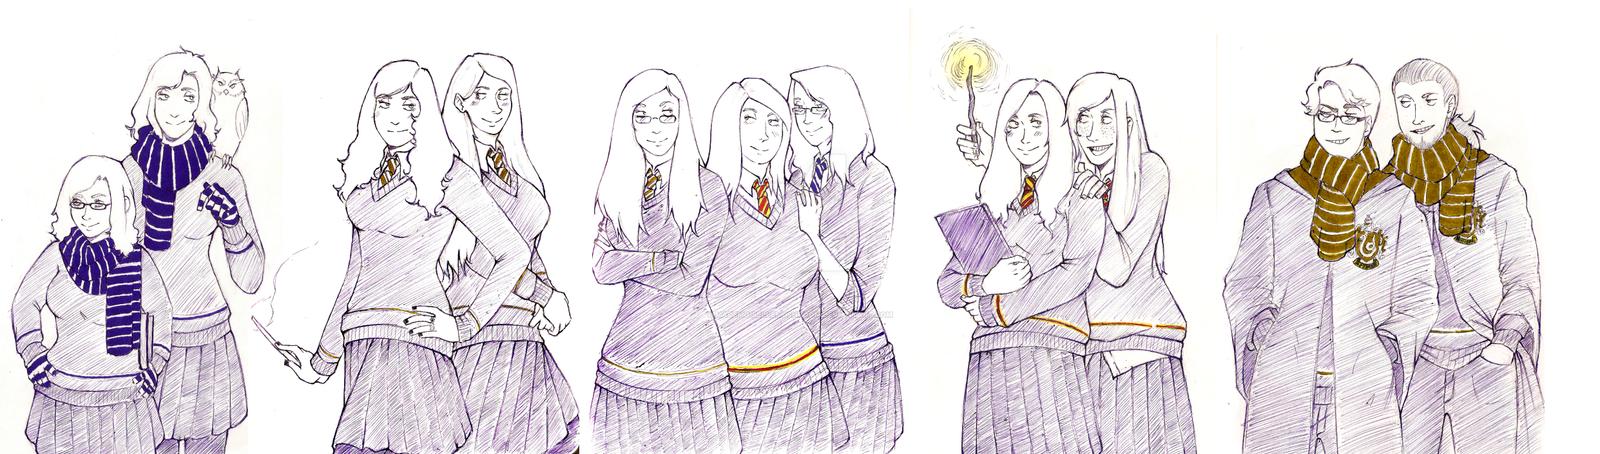 Students of Hogwarts by MademoiselleMushroom